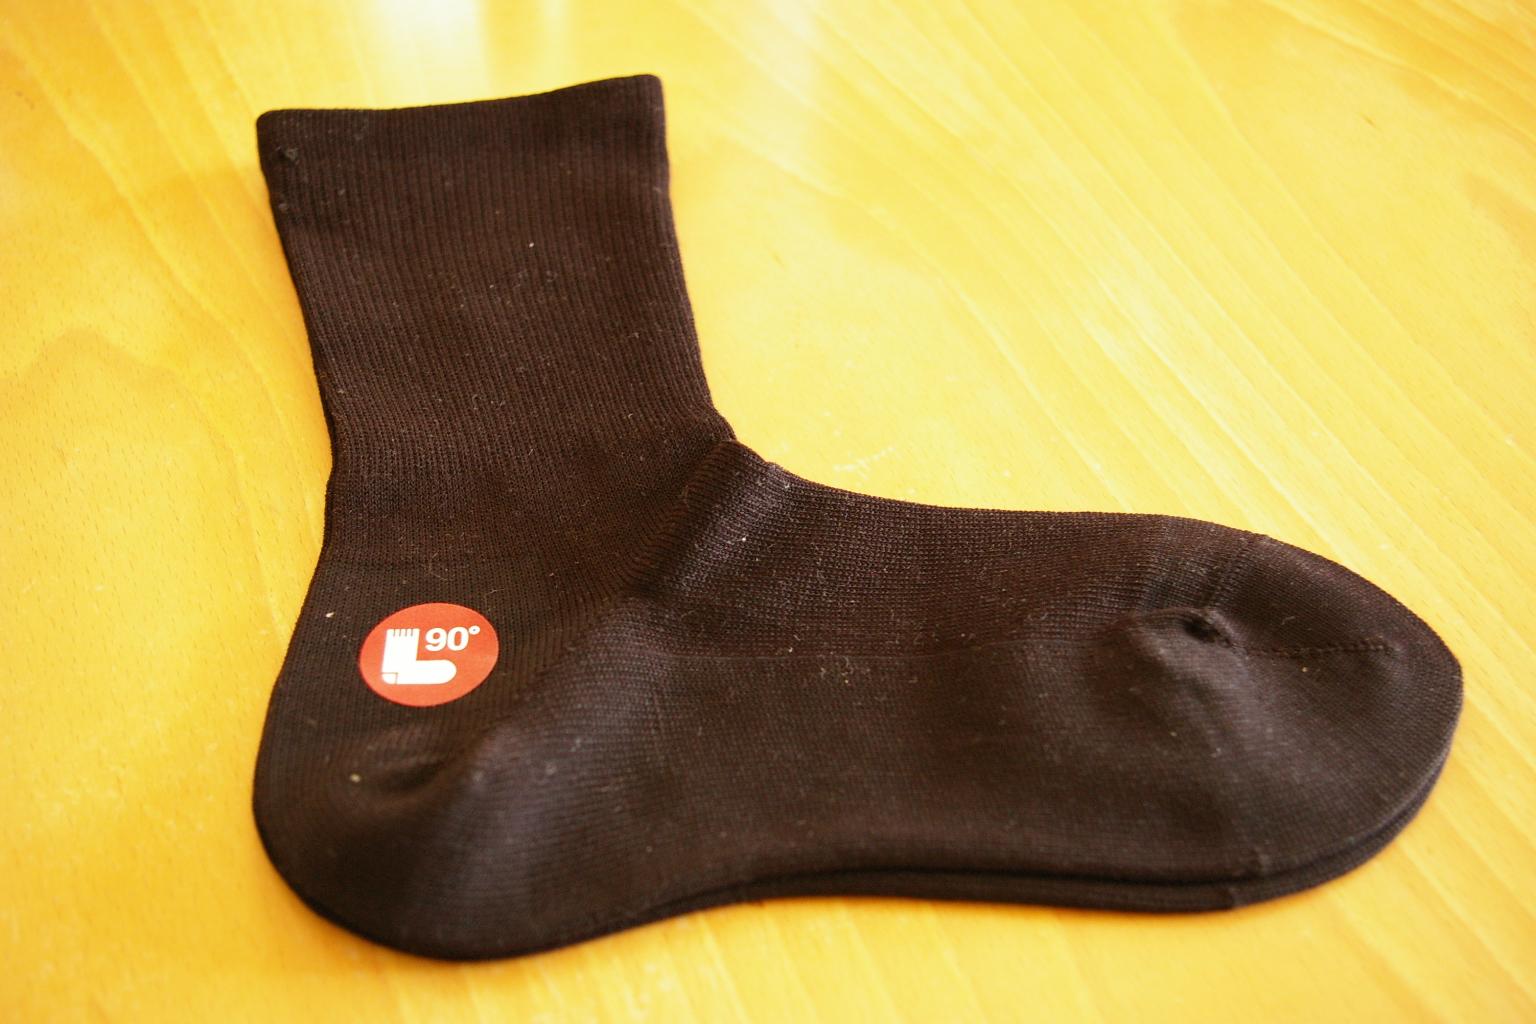 ウールのルームシューズ、カシミヤを使った履き心地のよい直角靴下など、あたたかなアイテムをご紹介します。